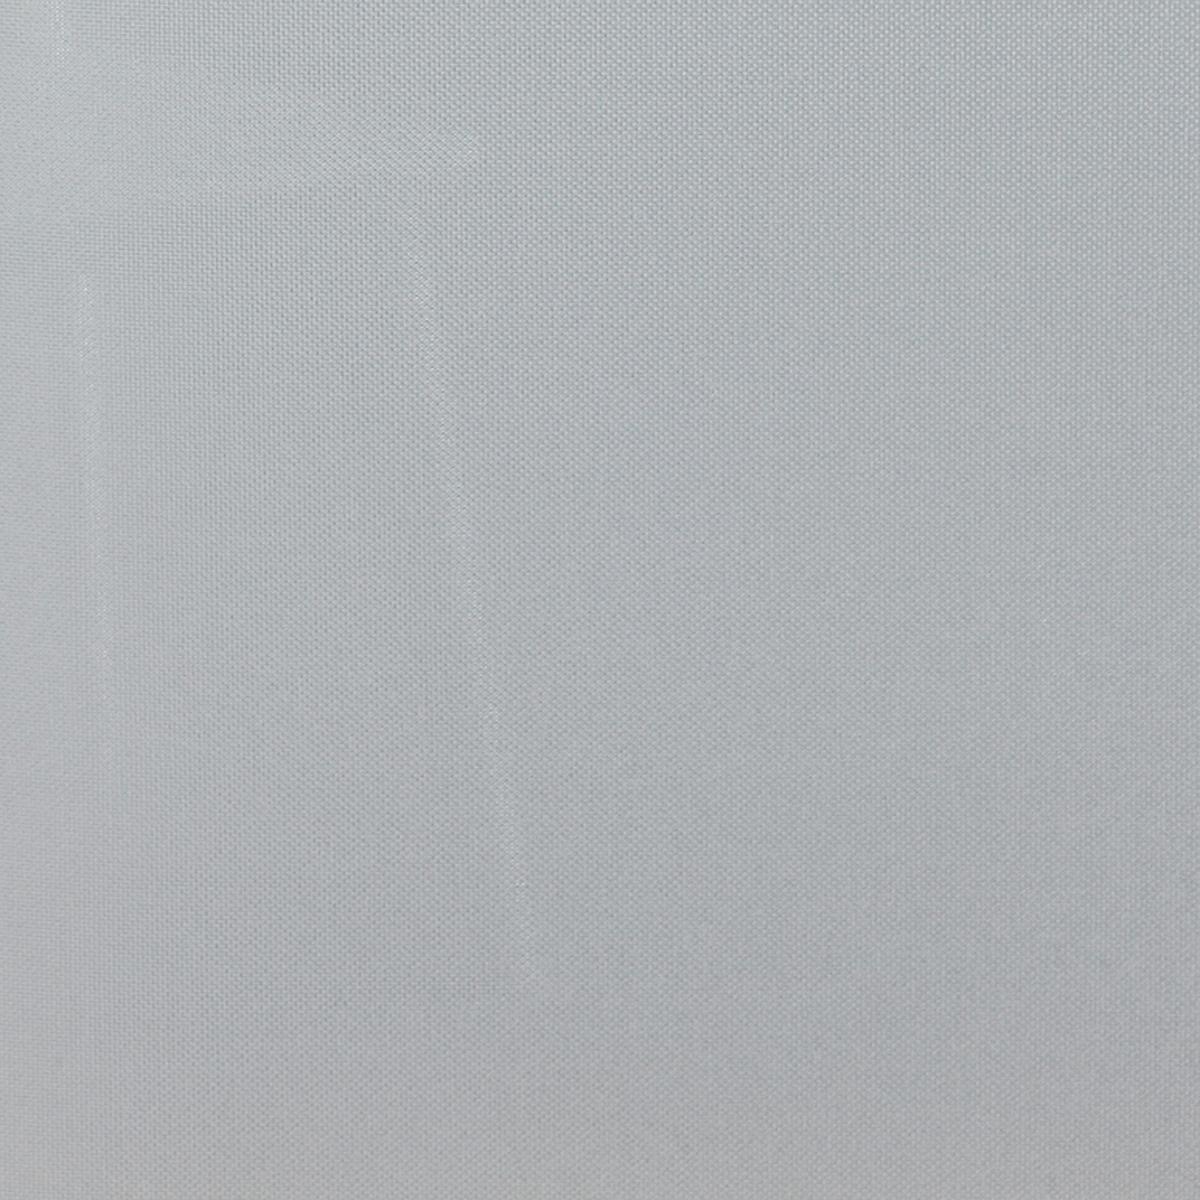 Rullgardinsväv Silkshade aluminium 10952